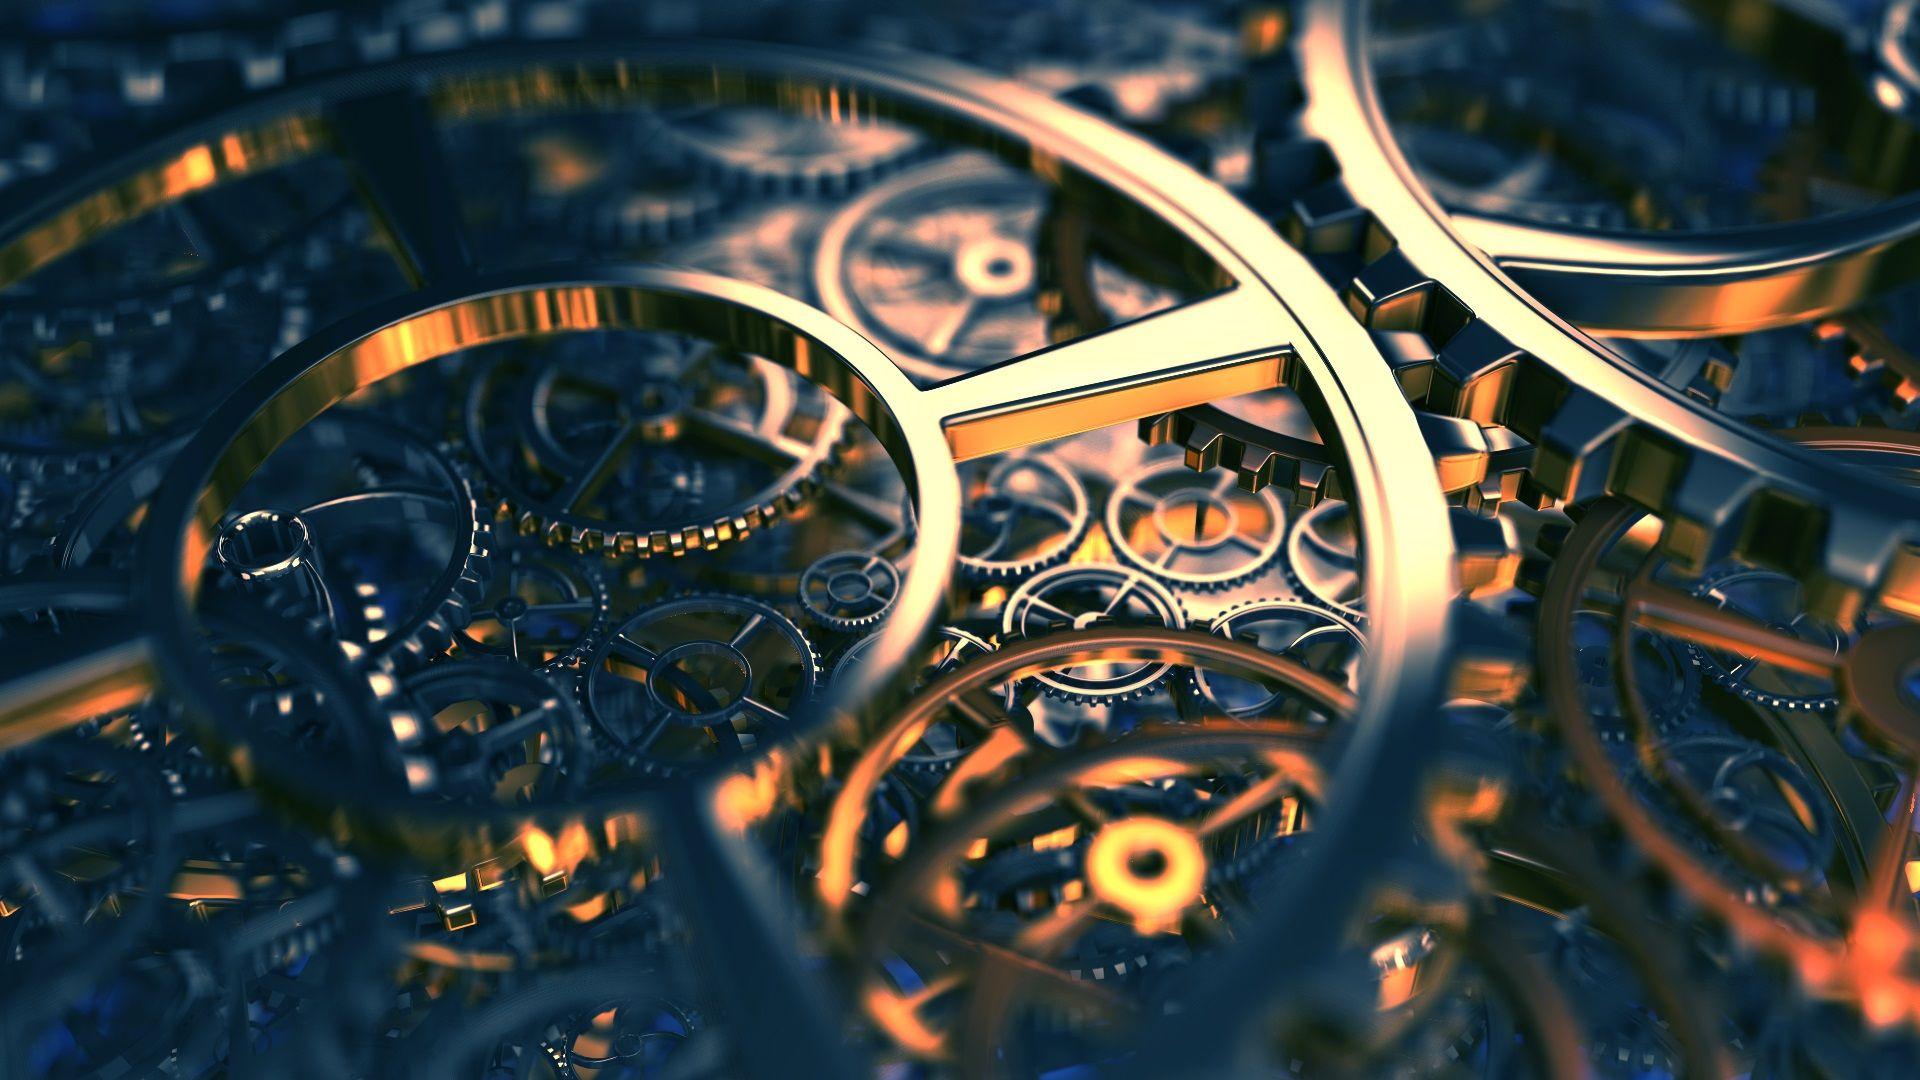 Axe 3d Des Engins De Mecanisme Fonds D Ecran 1920x1080 Fonds D Ecran De Telechargement Fond Ecran Hd Fond Ecran Illustration De Paysage